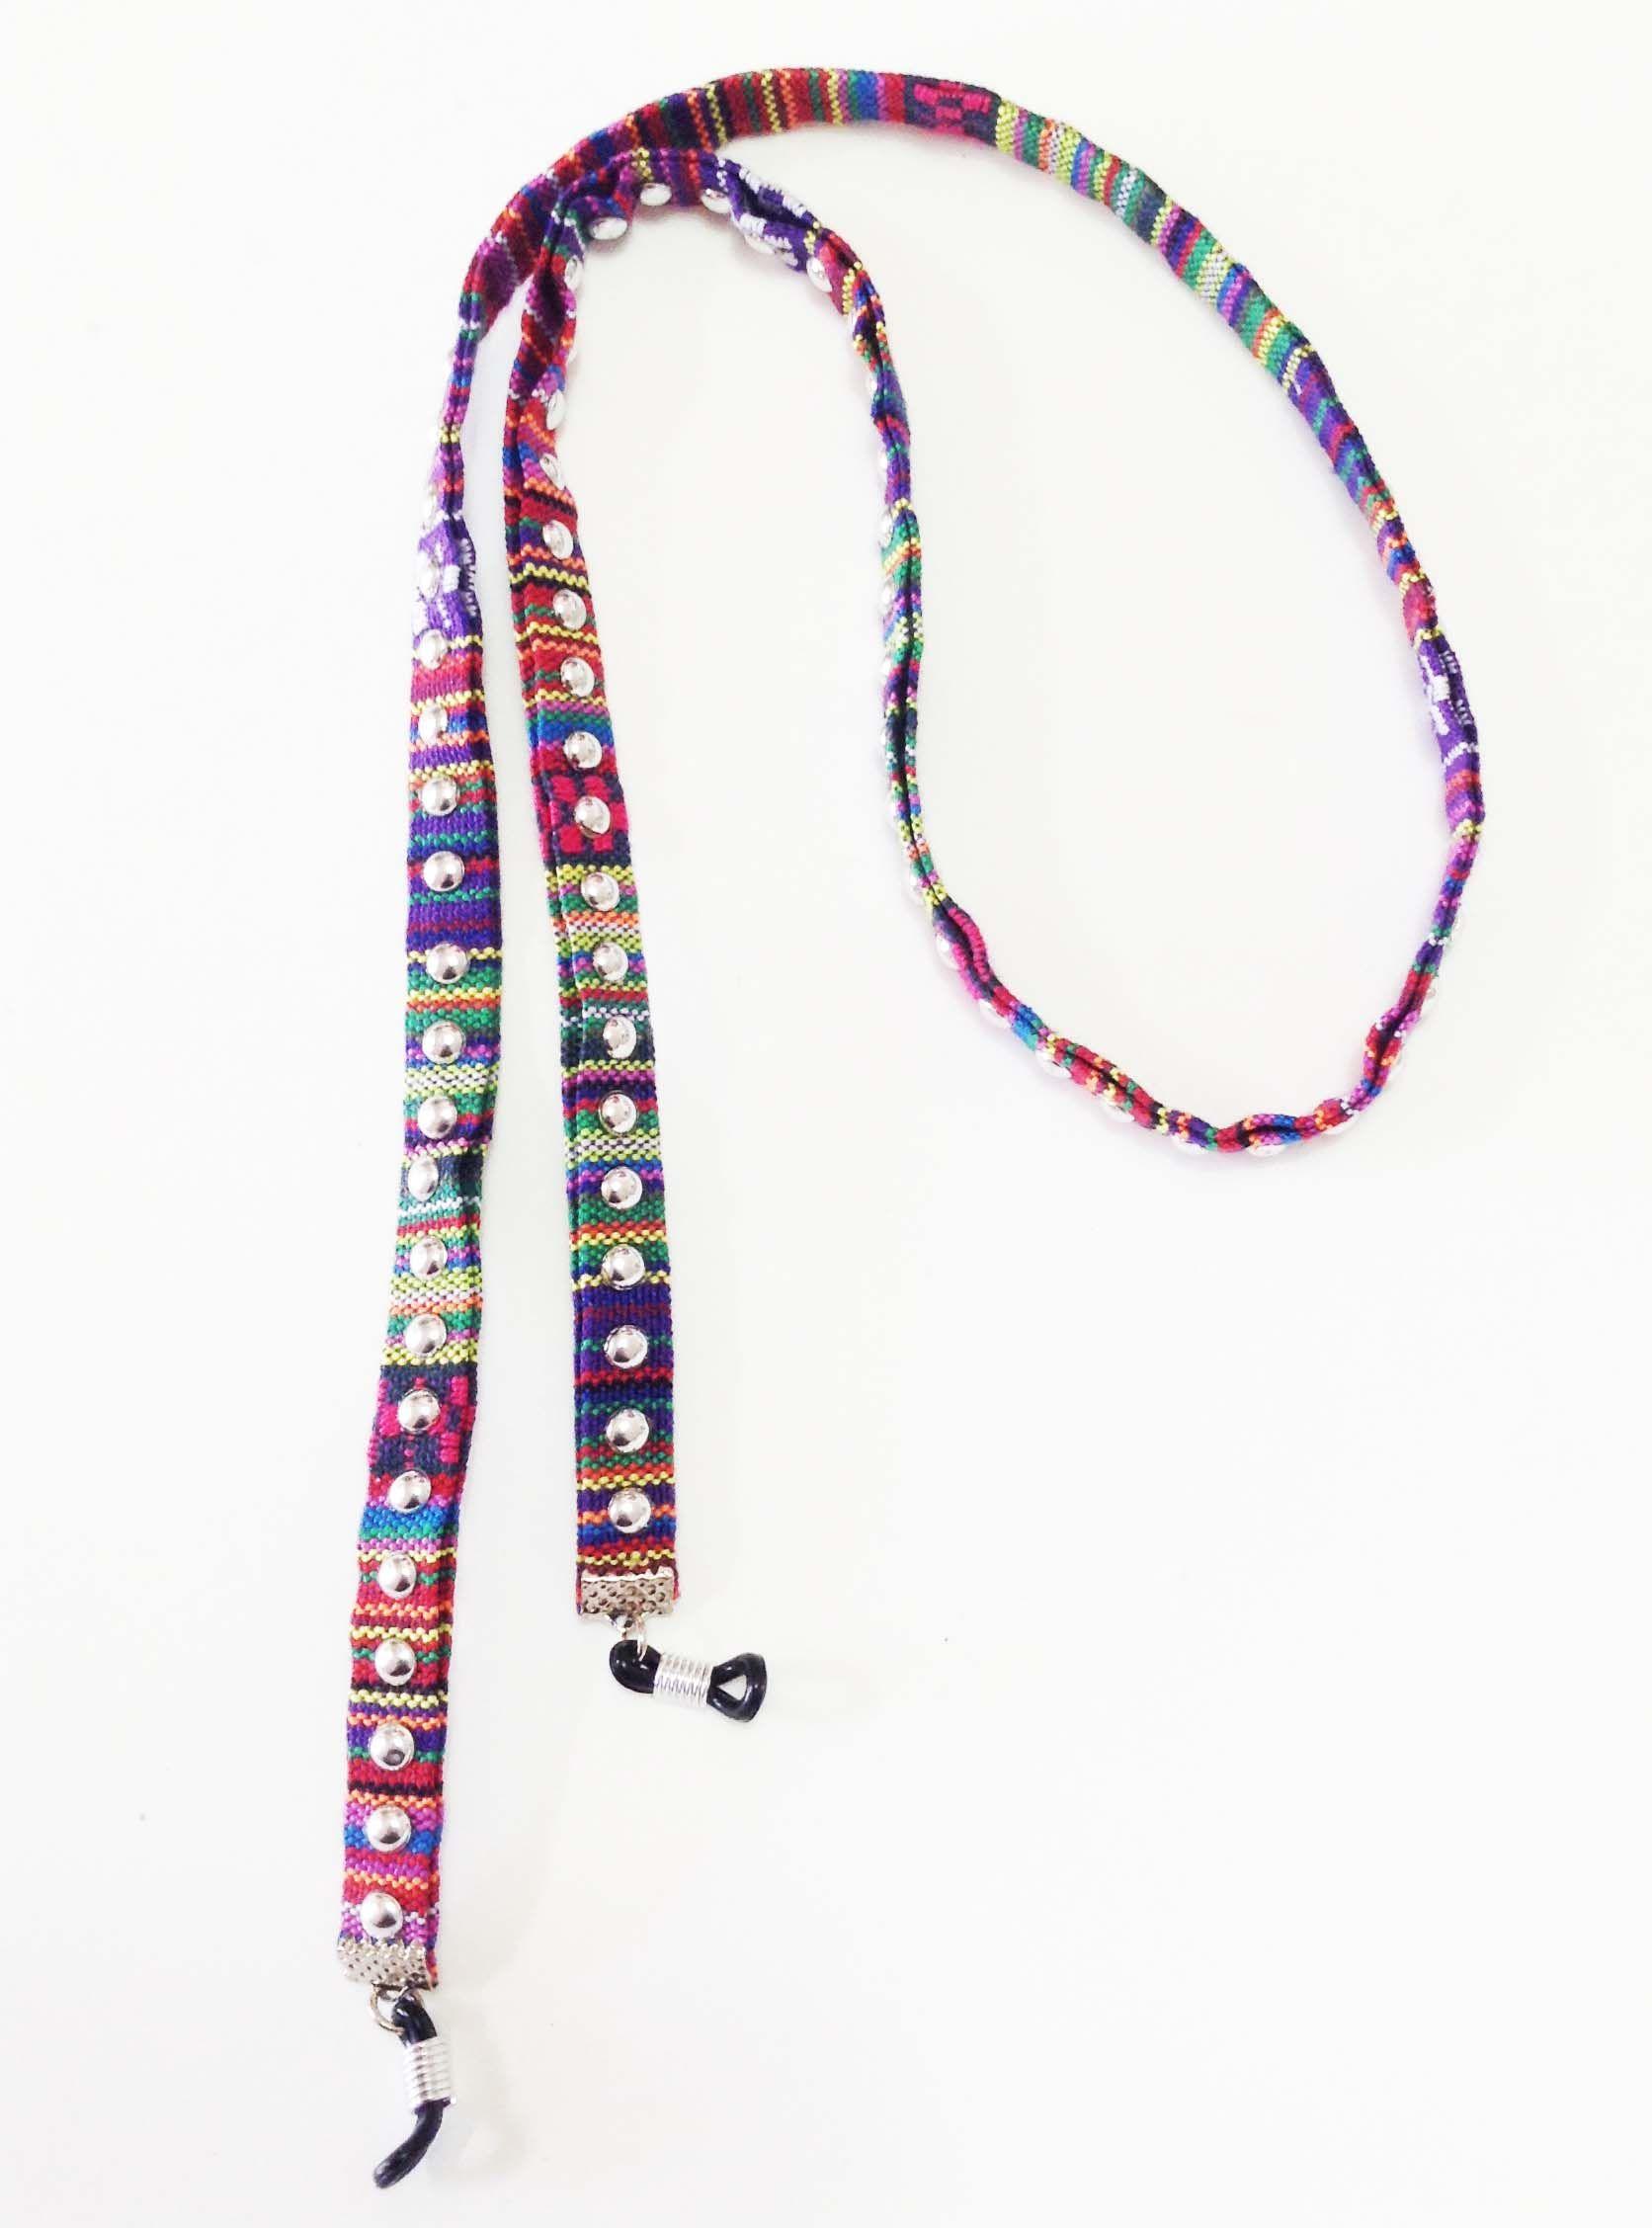 35a1fb347 Cordinha salva - óculos mex - estampa mexicana colorida ...